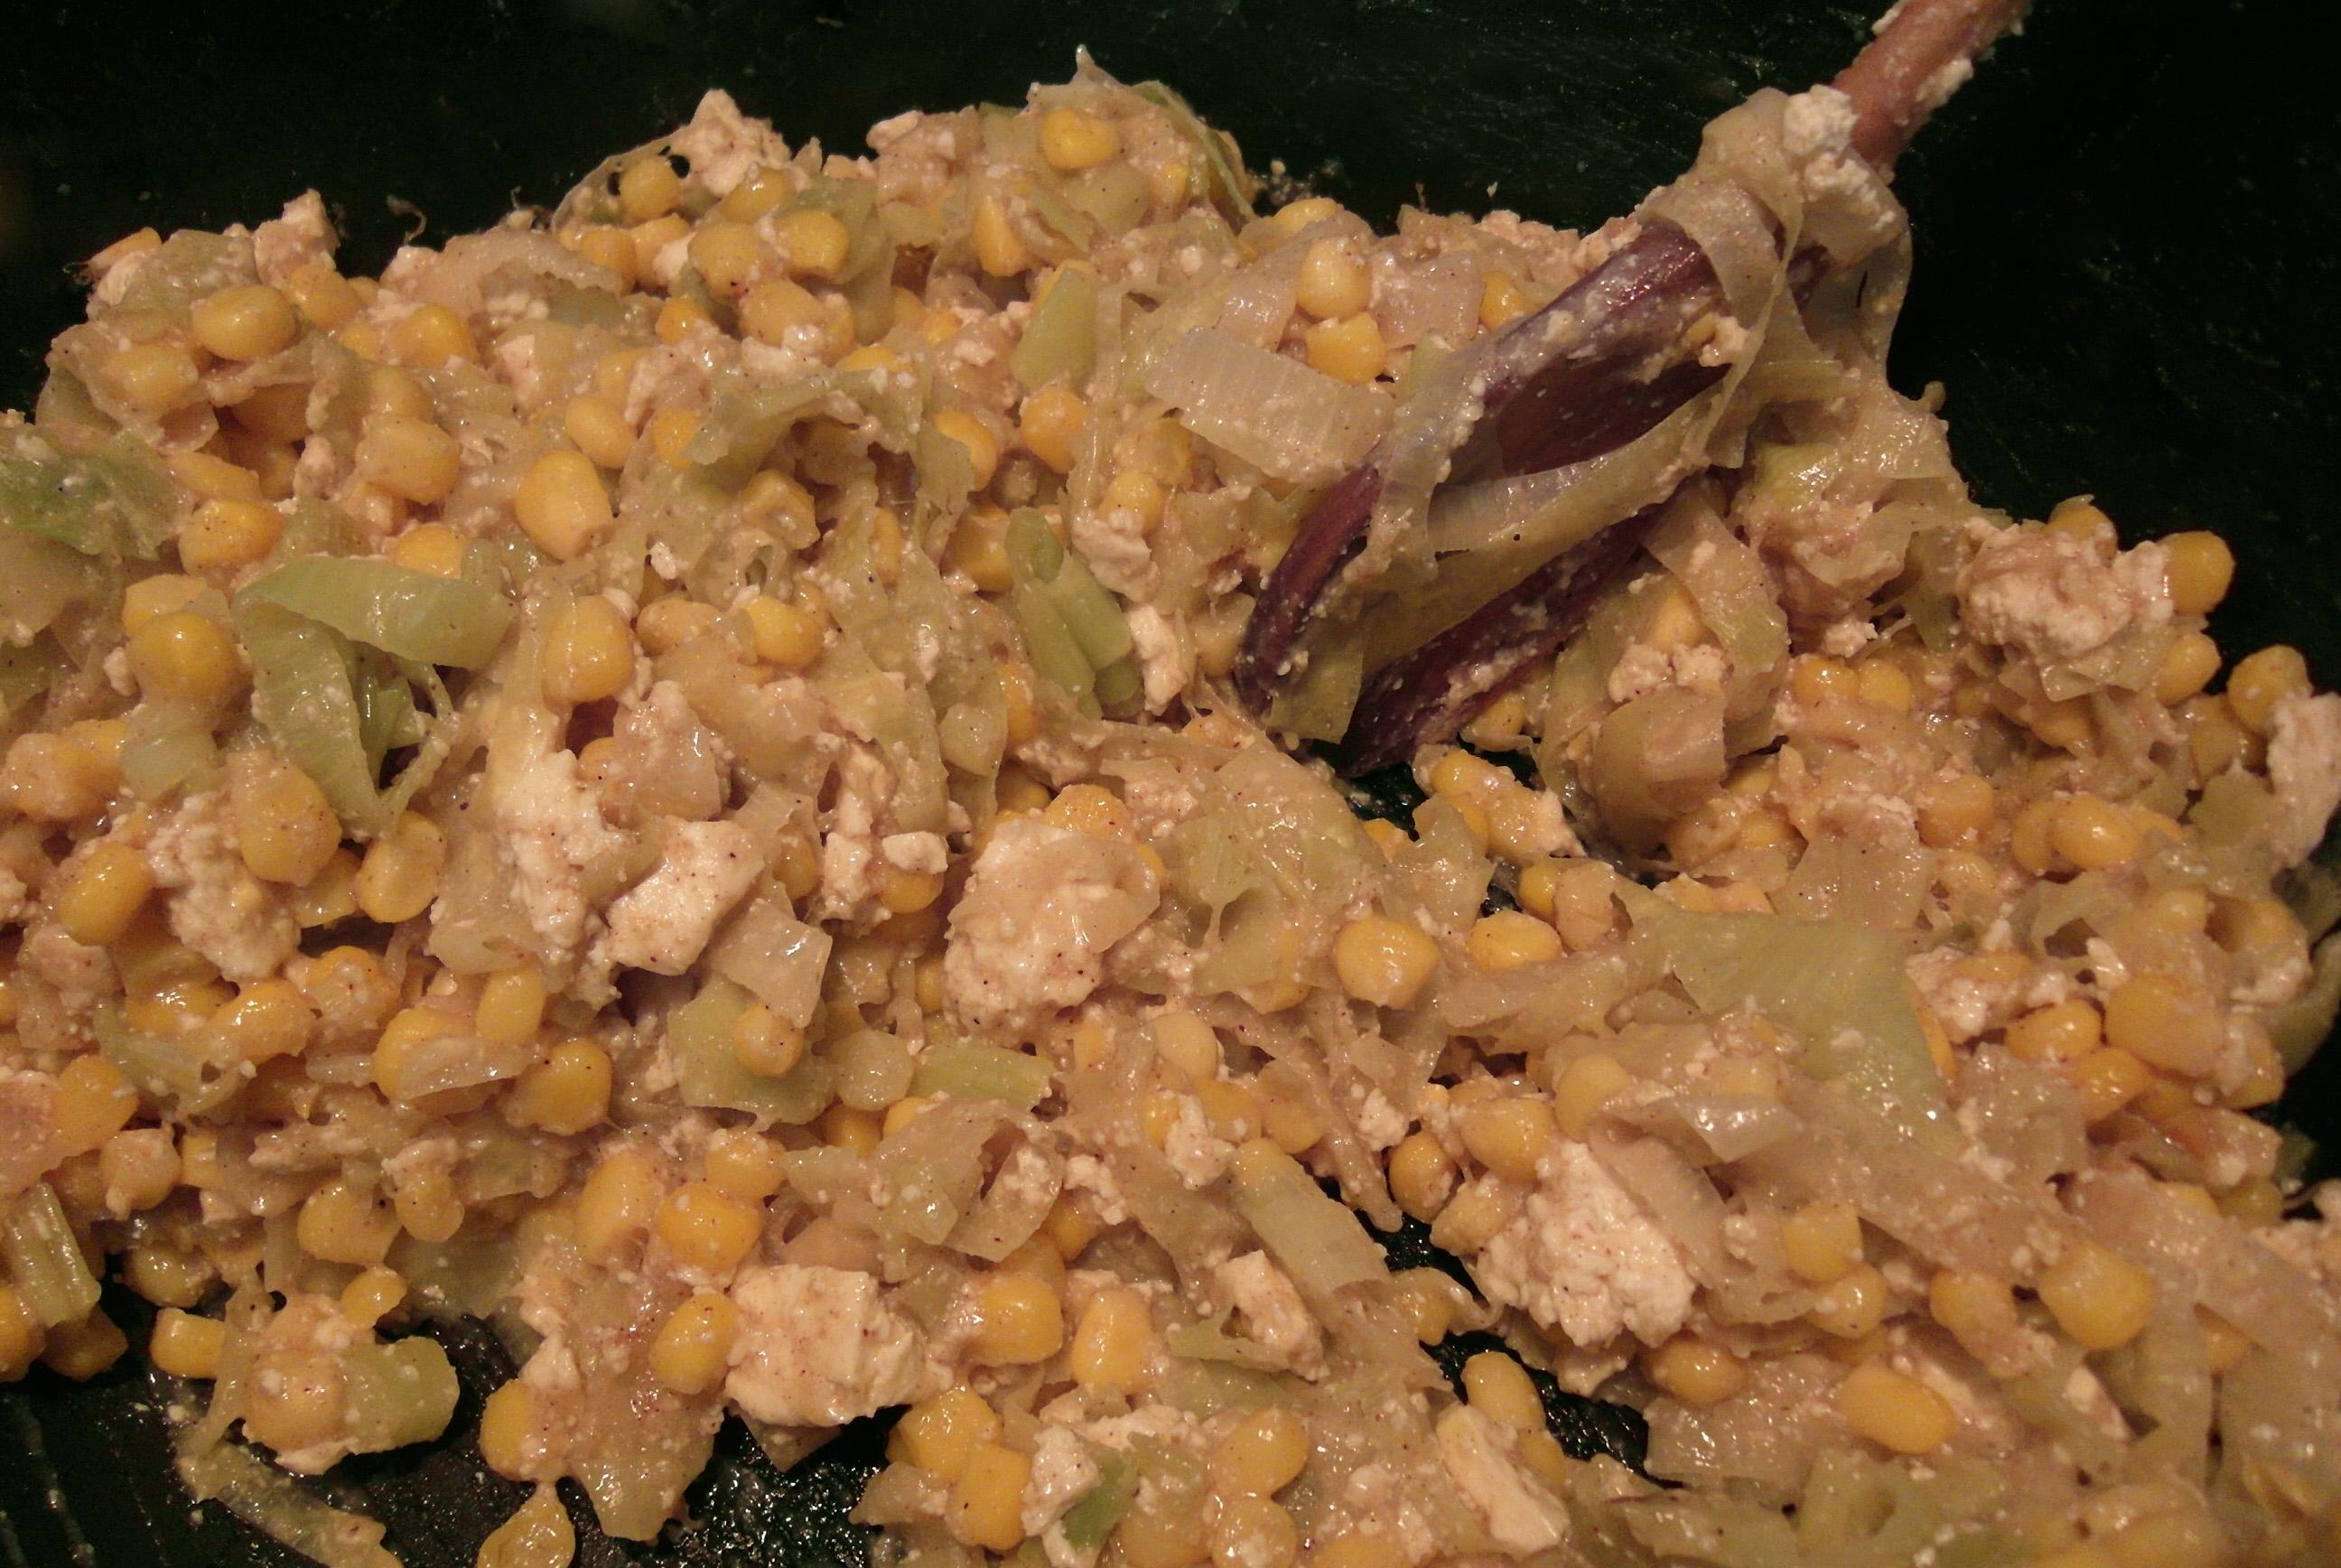 קיש כרישה-תירס מתכונים טבעוניים לחג השבועות - השוחטת הטבעונית יעלי שוחט